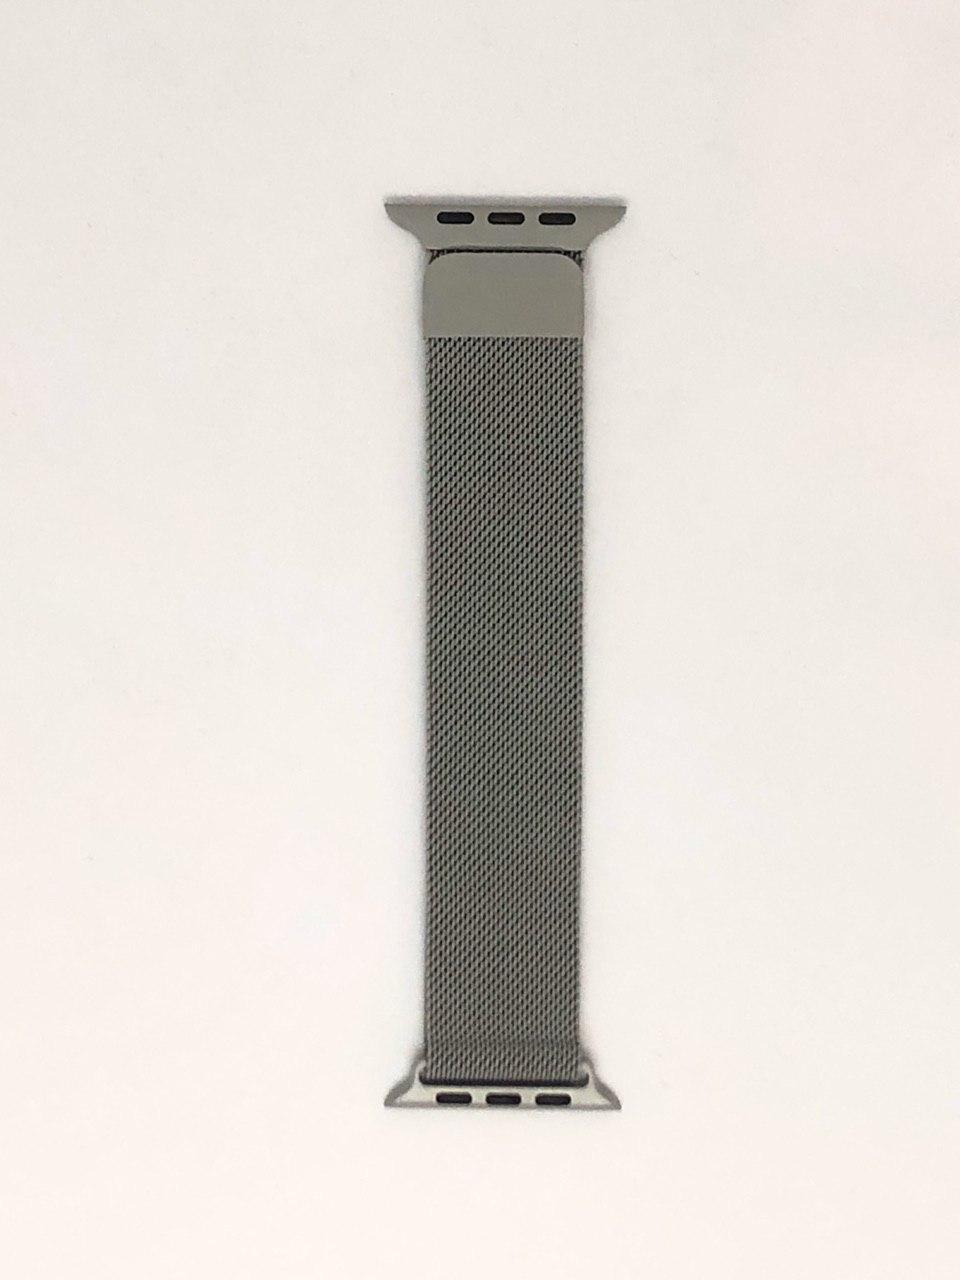 Миланская петля Apple watch 38/40 mm - №1, ремешок, металлический